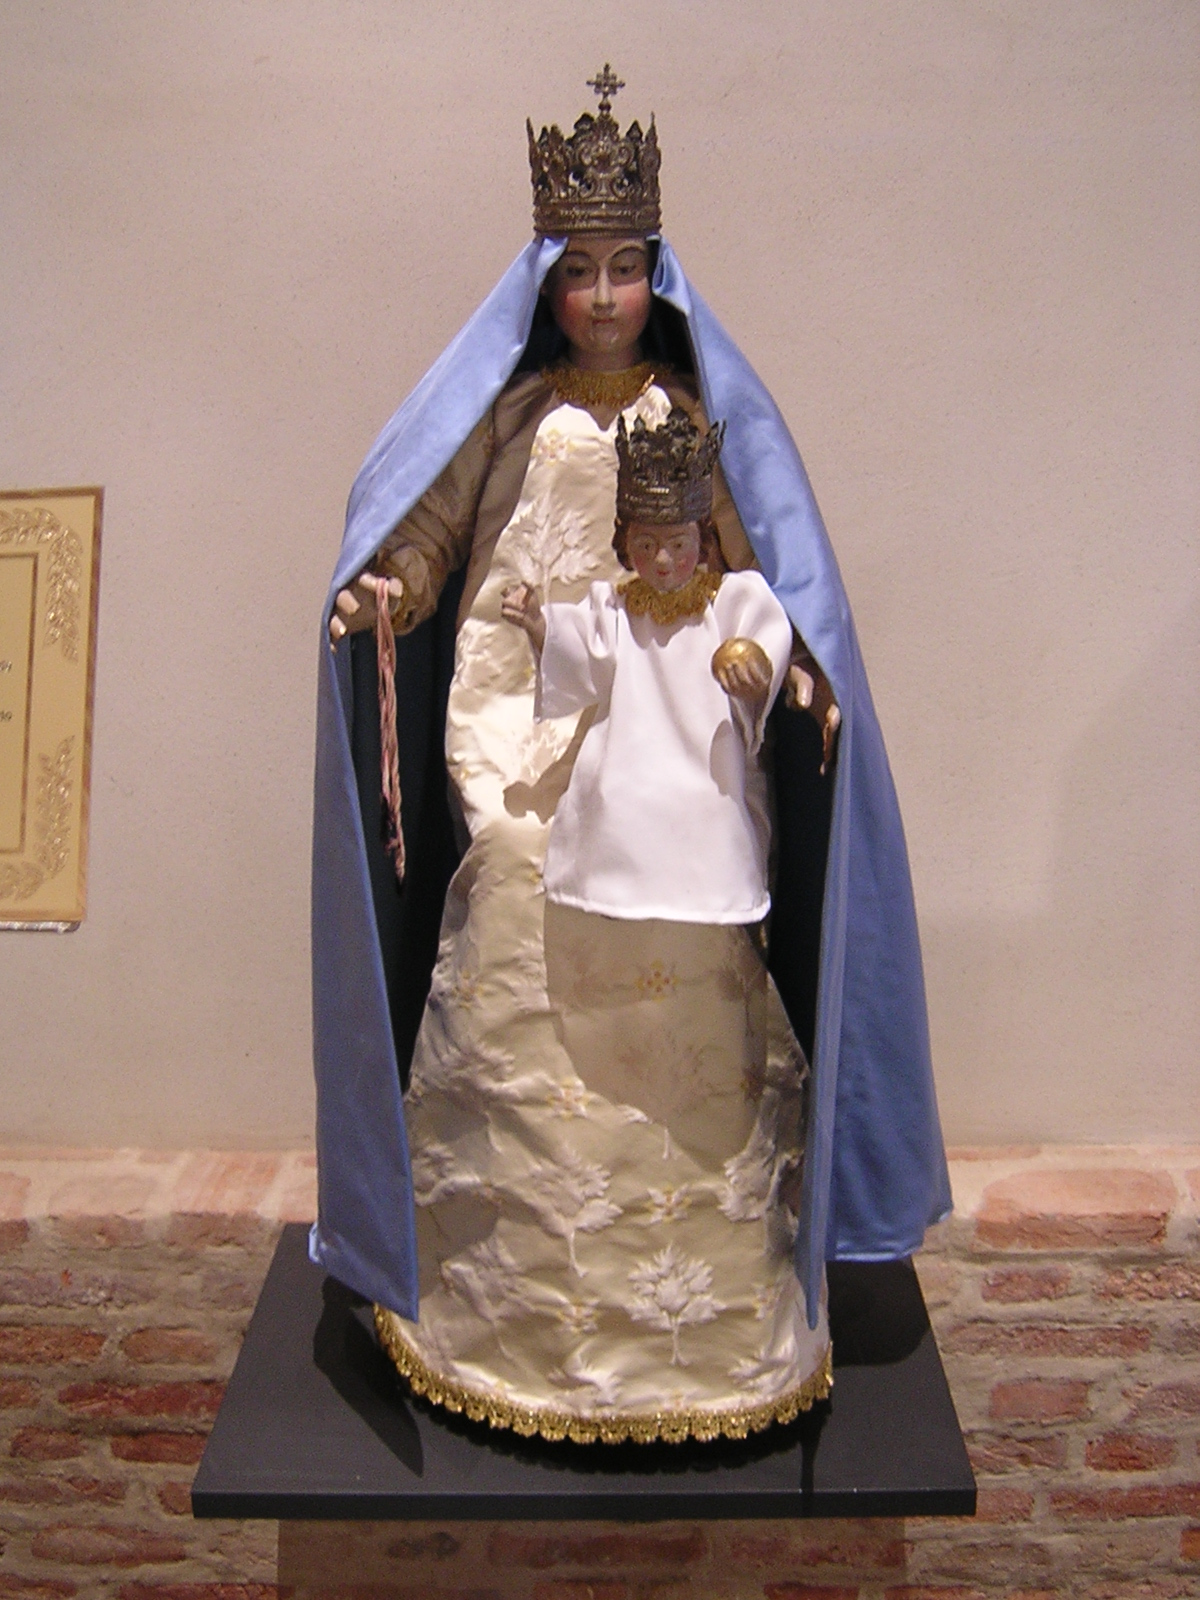 La Madonna della Roata. Restaurata nel 2002. Vedi le foto prima e dopo il restauro.